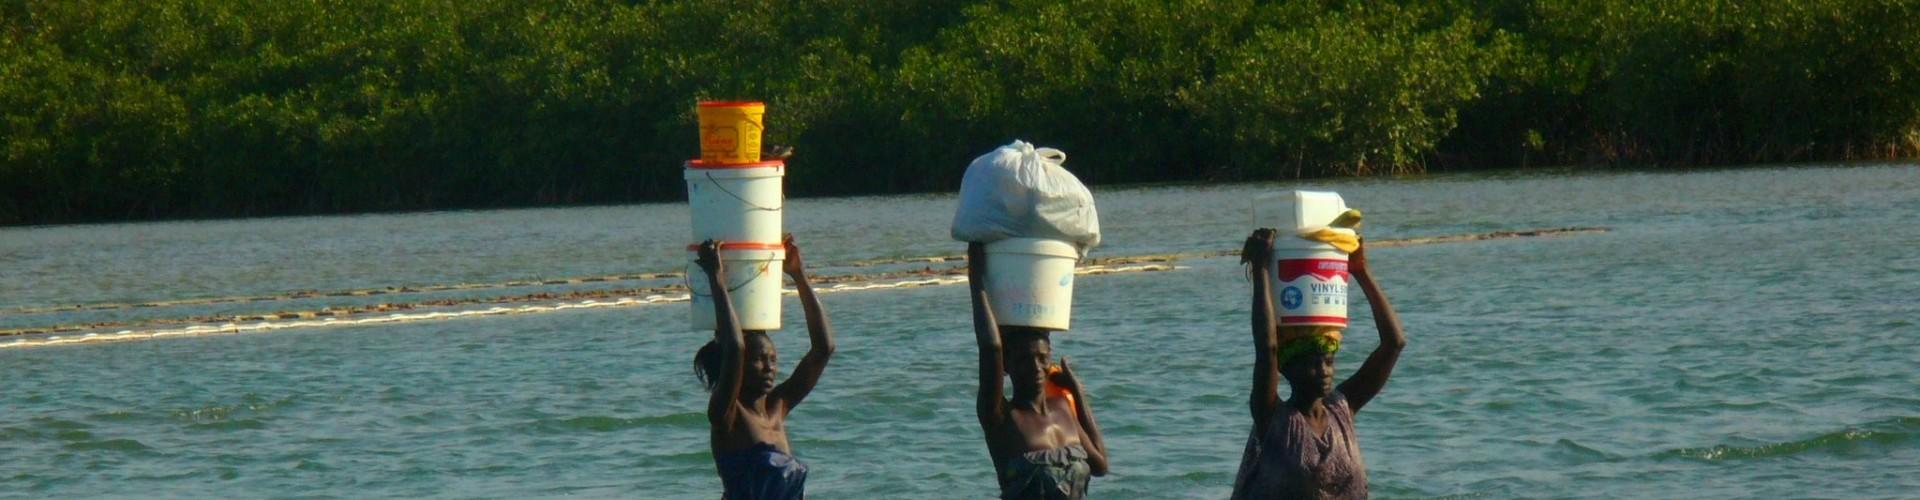 mangroves; livelihoods